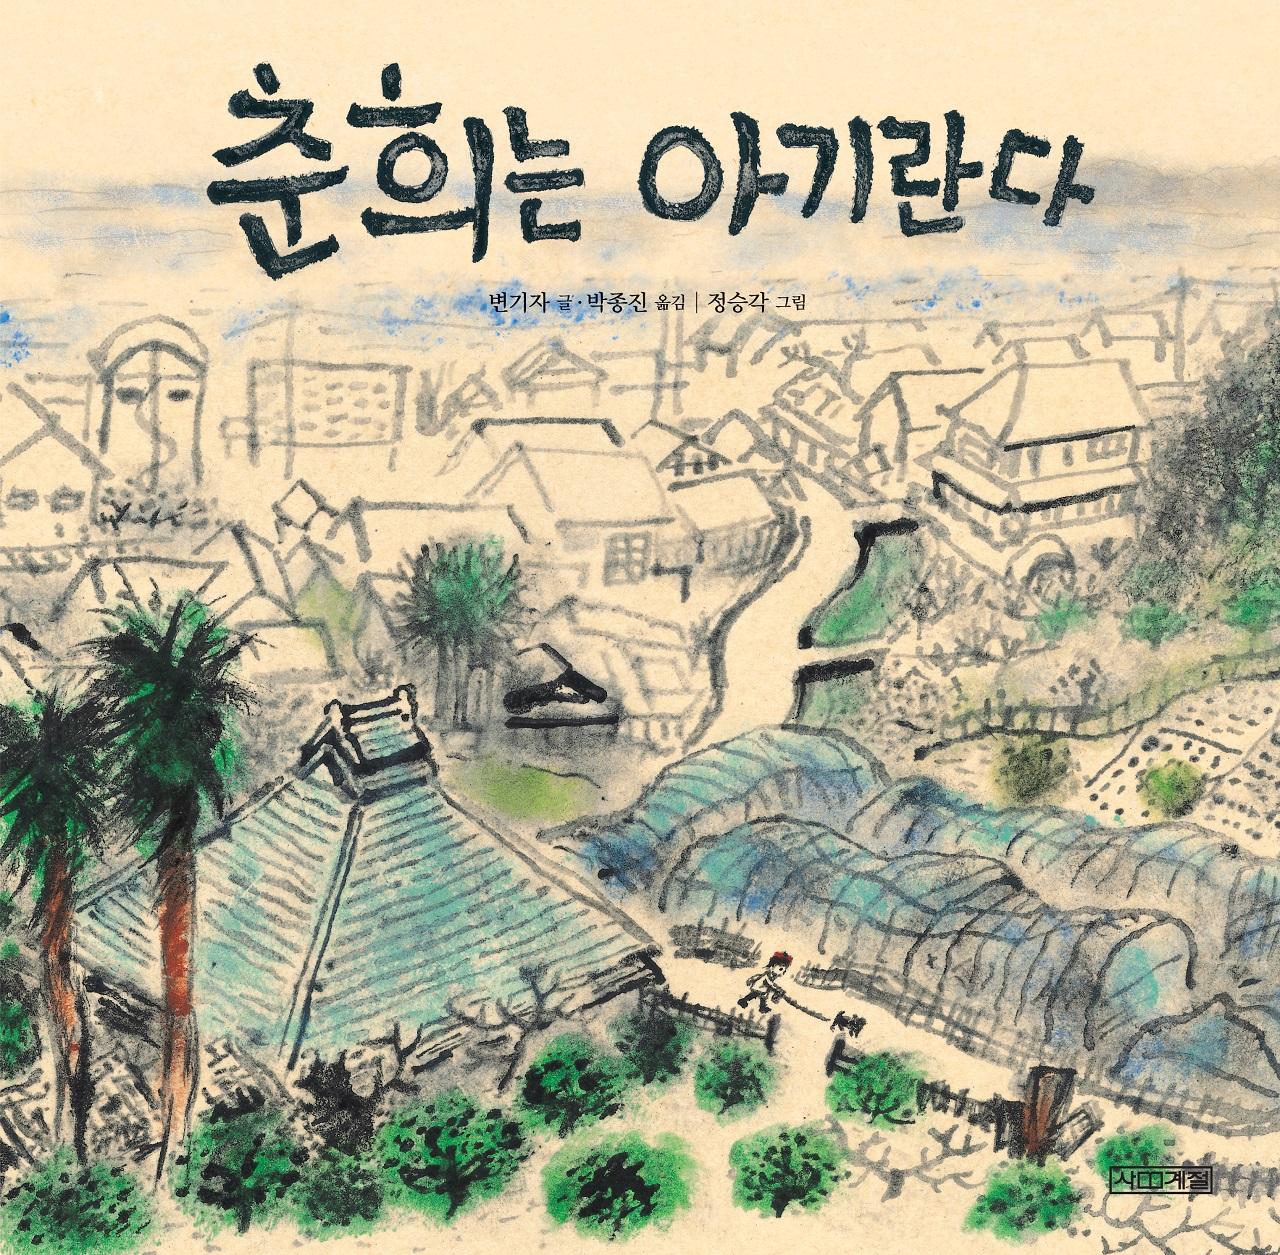 그림책 <춘희는 아기란다>의 표지 그림이다. 바닷가 마을을 압축적으로 그렸다.